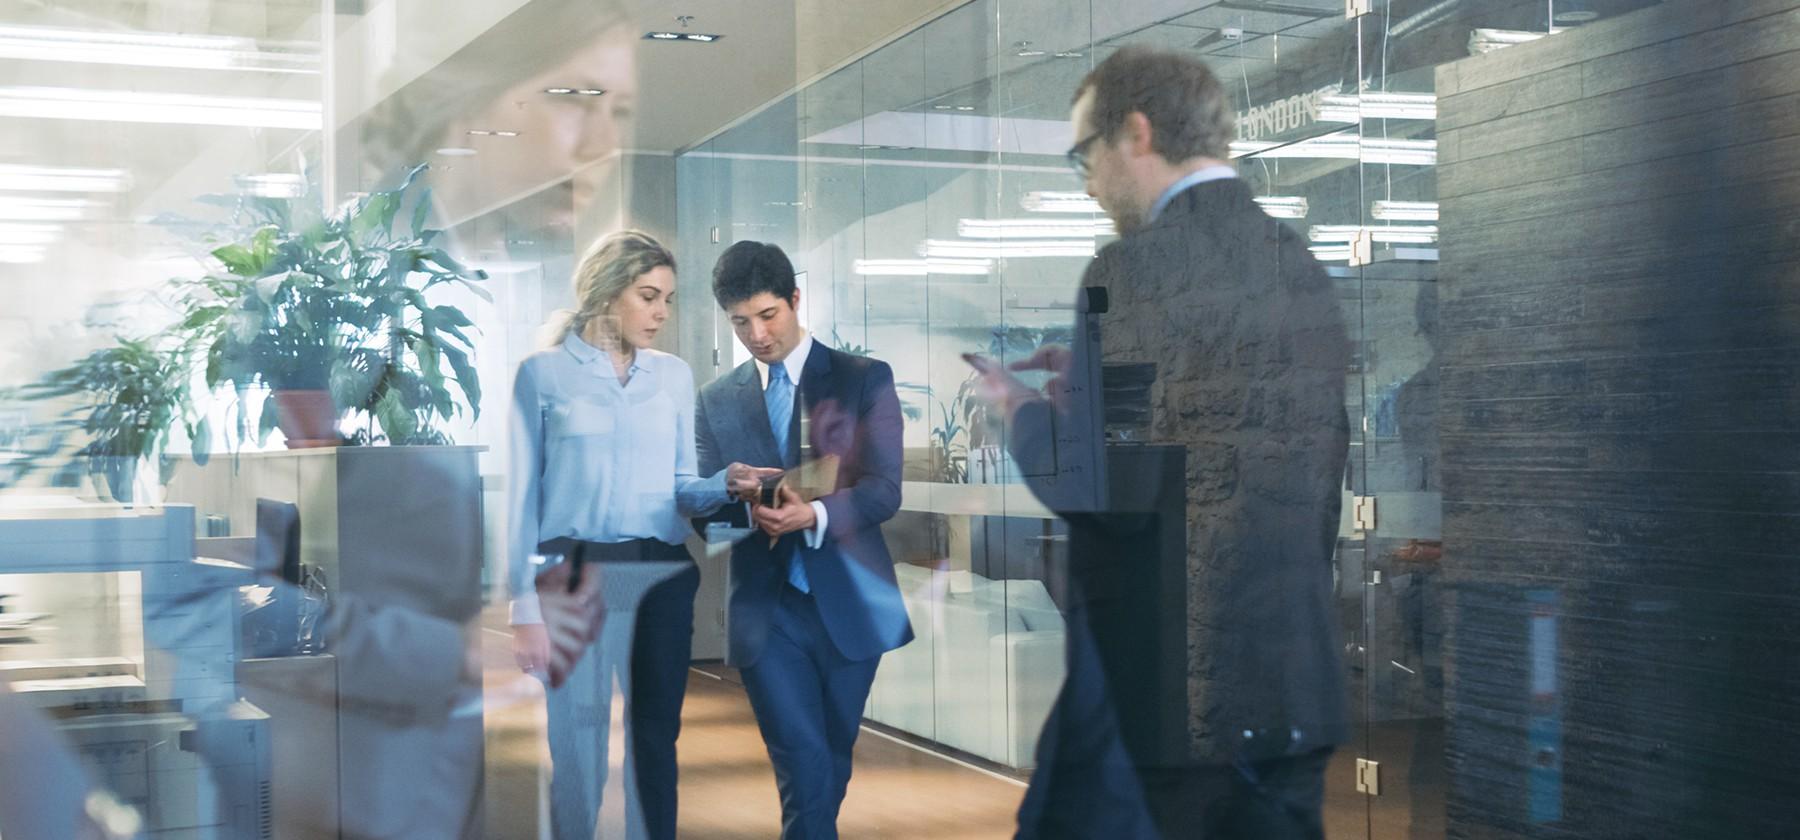 Enterprise network, rete informatica aziendale, soluzioni WiFi e ponti radio